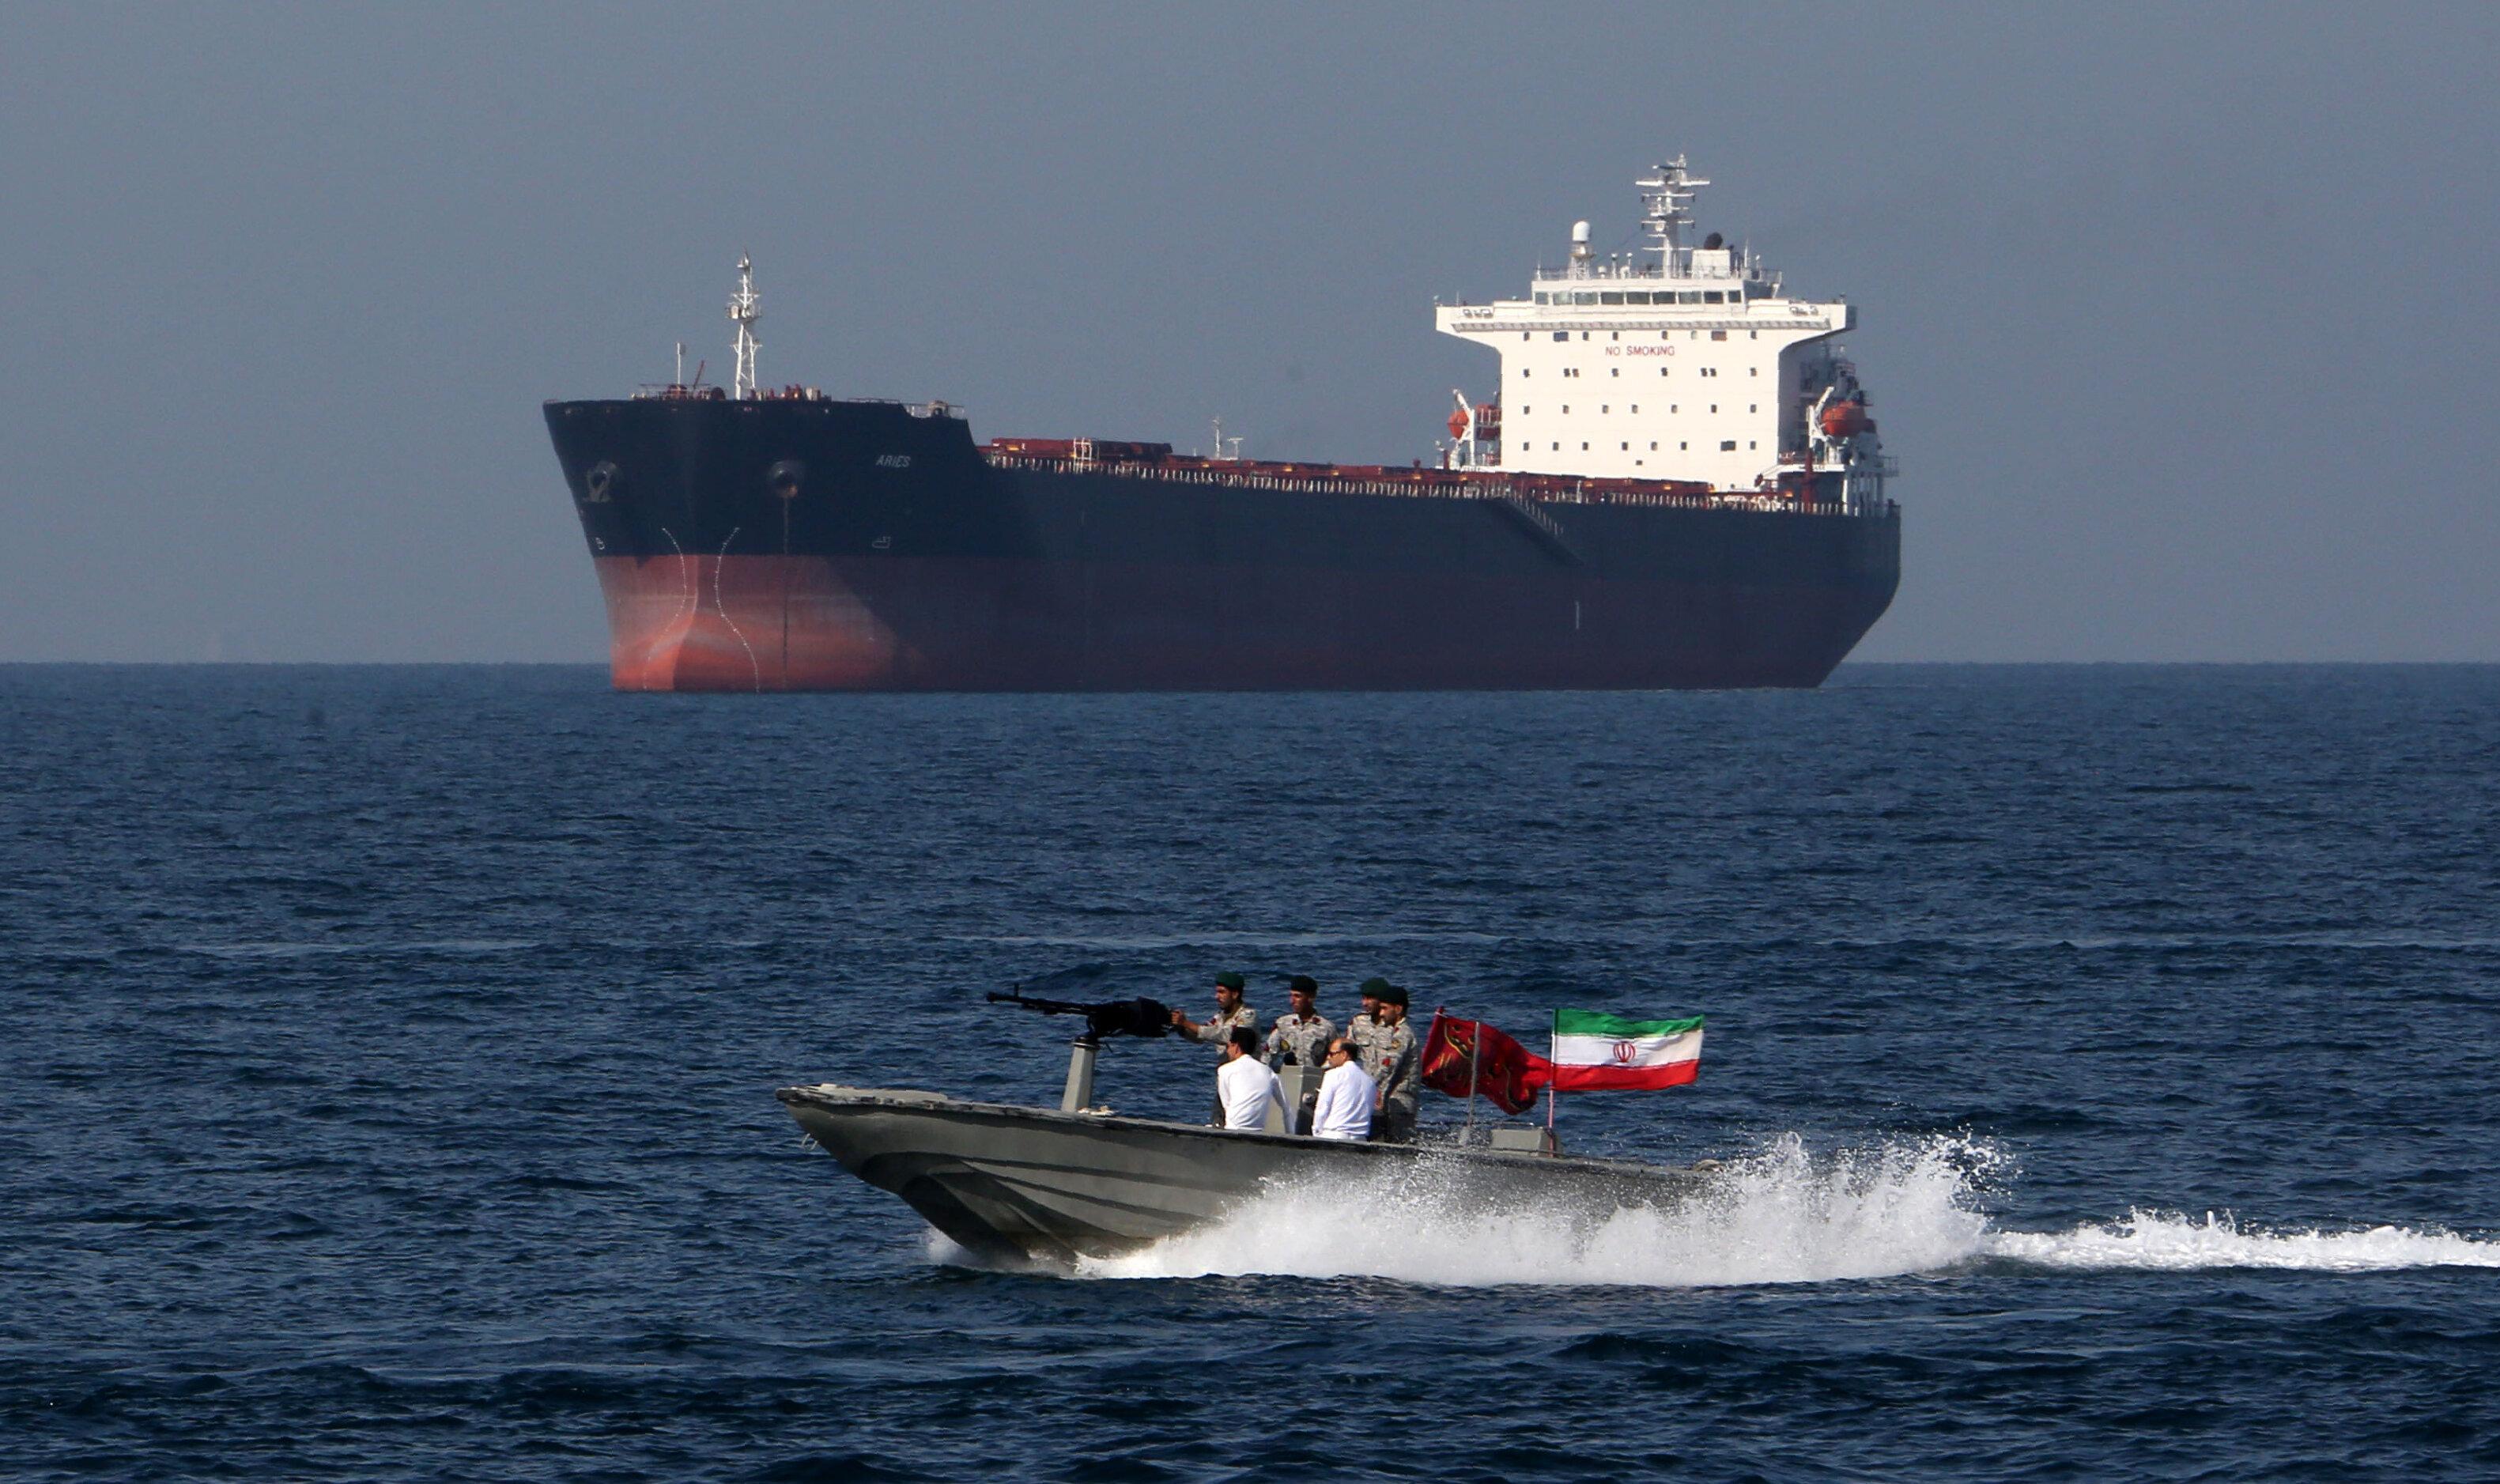 자료사진 - 호르무즈 해협에서 이란 군인들이 '페르시아만의 날'에 참석하는 모습. 17세기 압바스 1세가 포르투갈 해군을 격퇴한 군사작전을 기념하기 위한 날이다. 호르무즈 해협은 전...